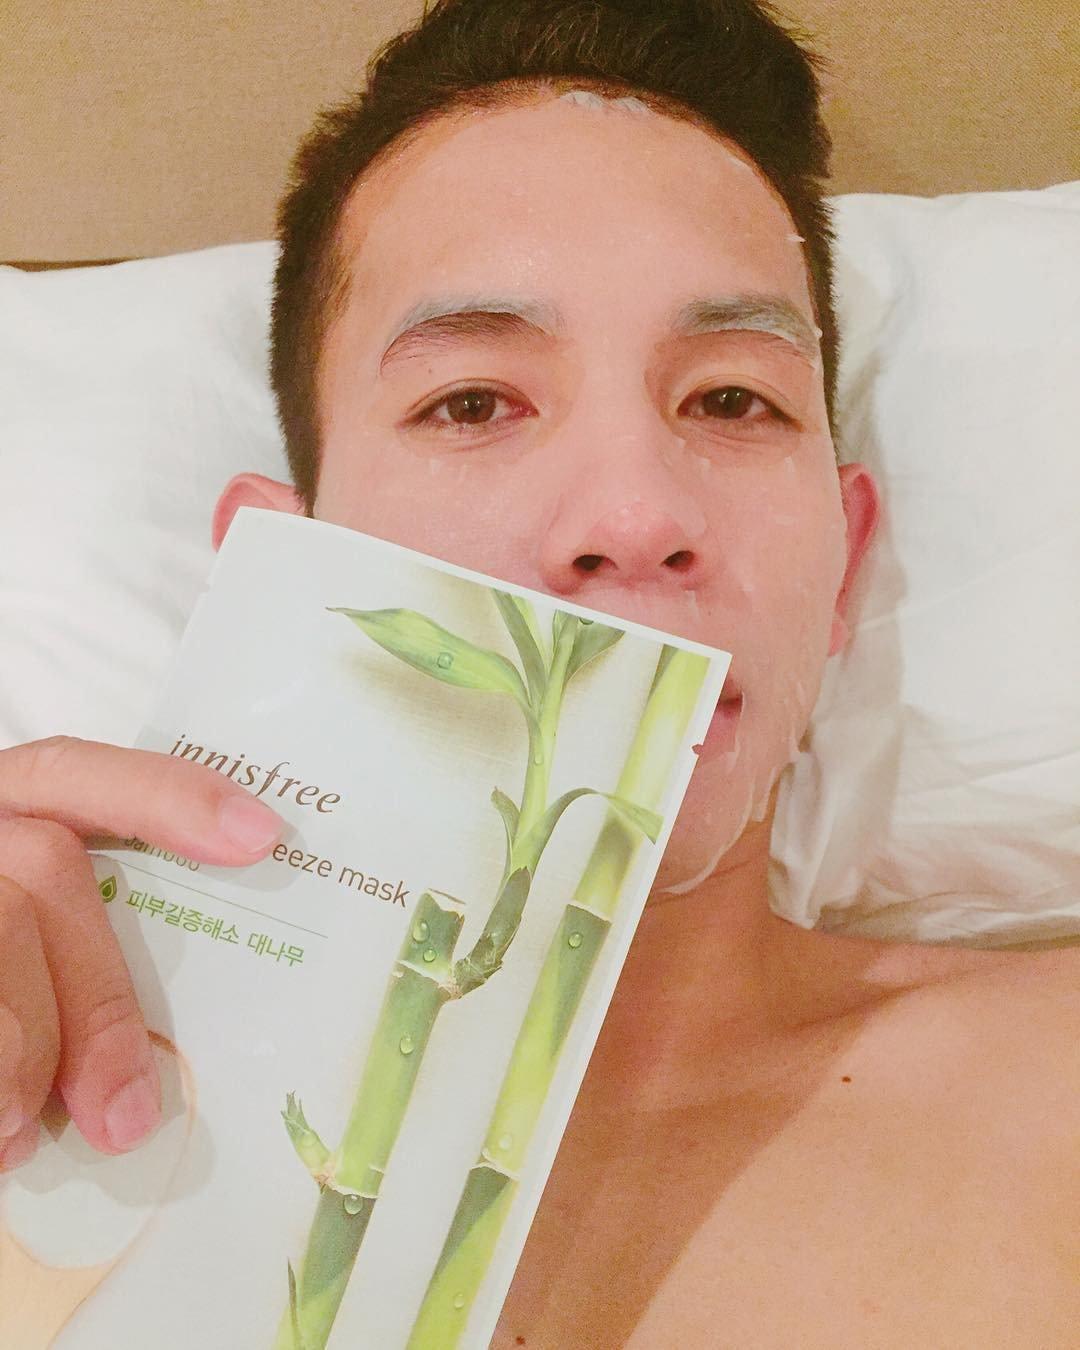 Ít ai ngờ người hùng Nguyễn Phong Hồng Duy của U23 Việt Nam cũng thích đắp mặt nạ giấy - Ảnh 5.